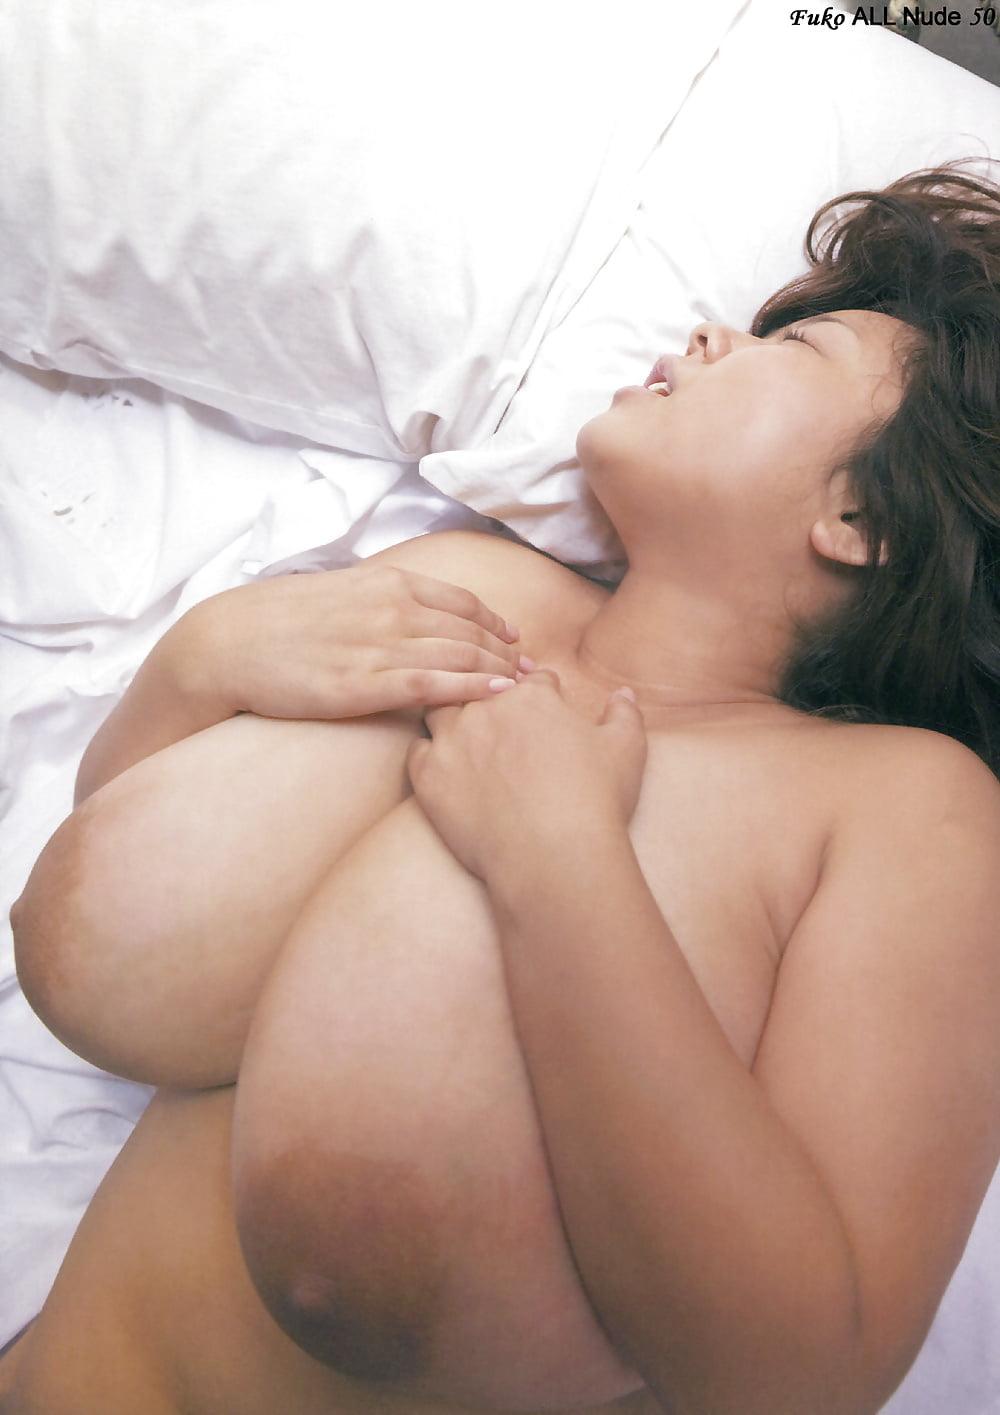 Free fuko love porn pics